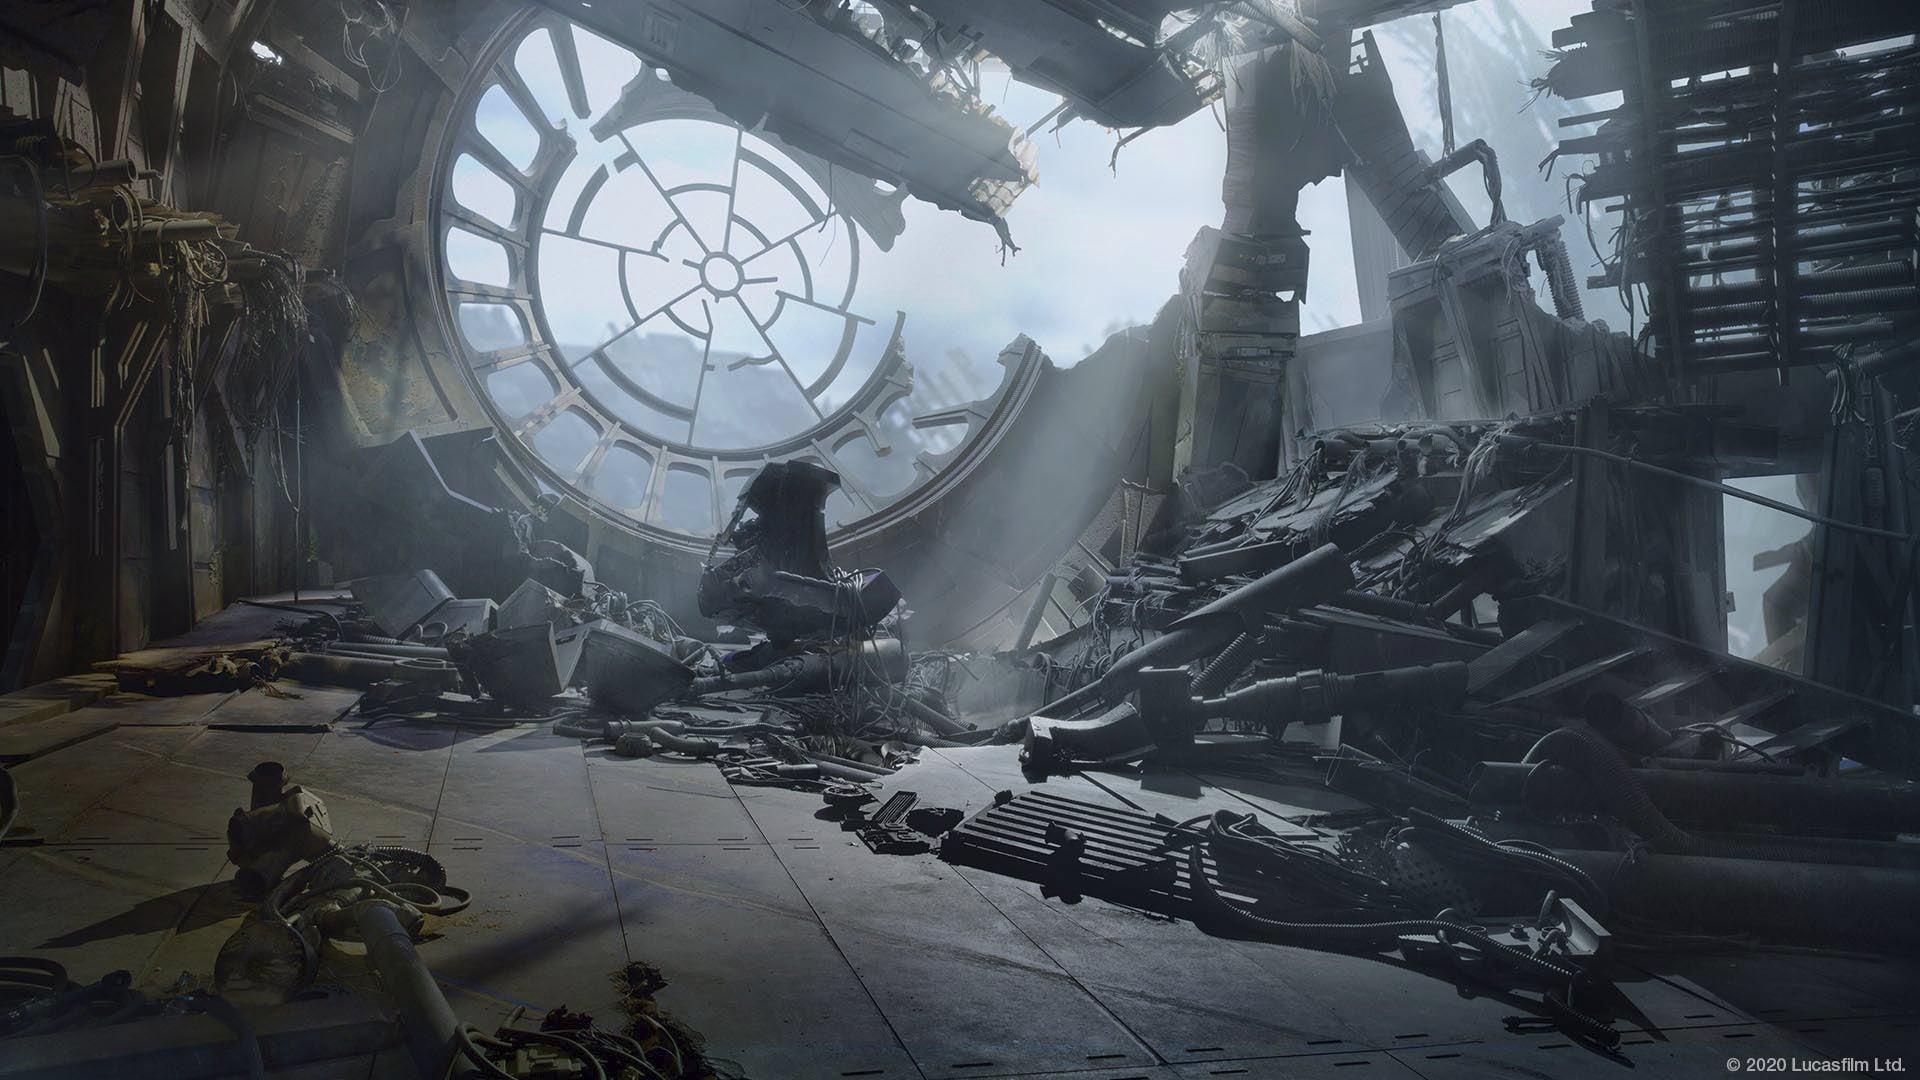 star wars zoom background death star ruins